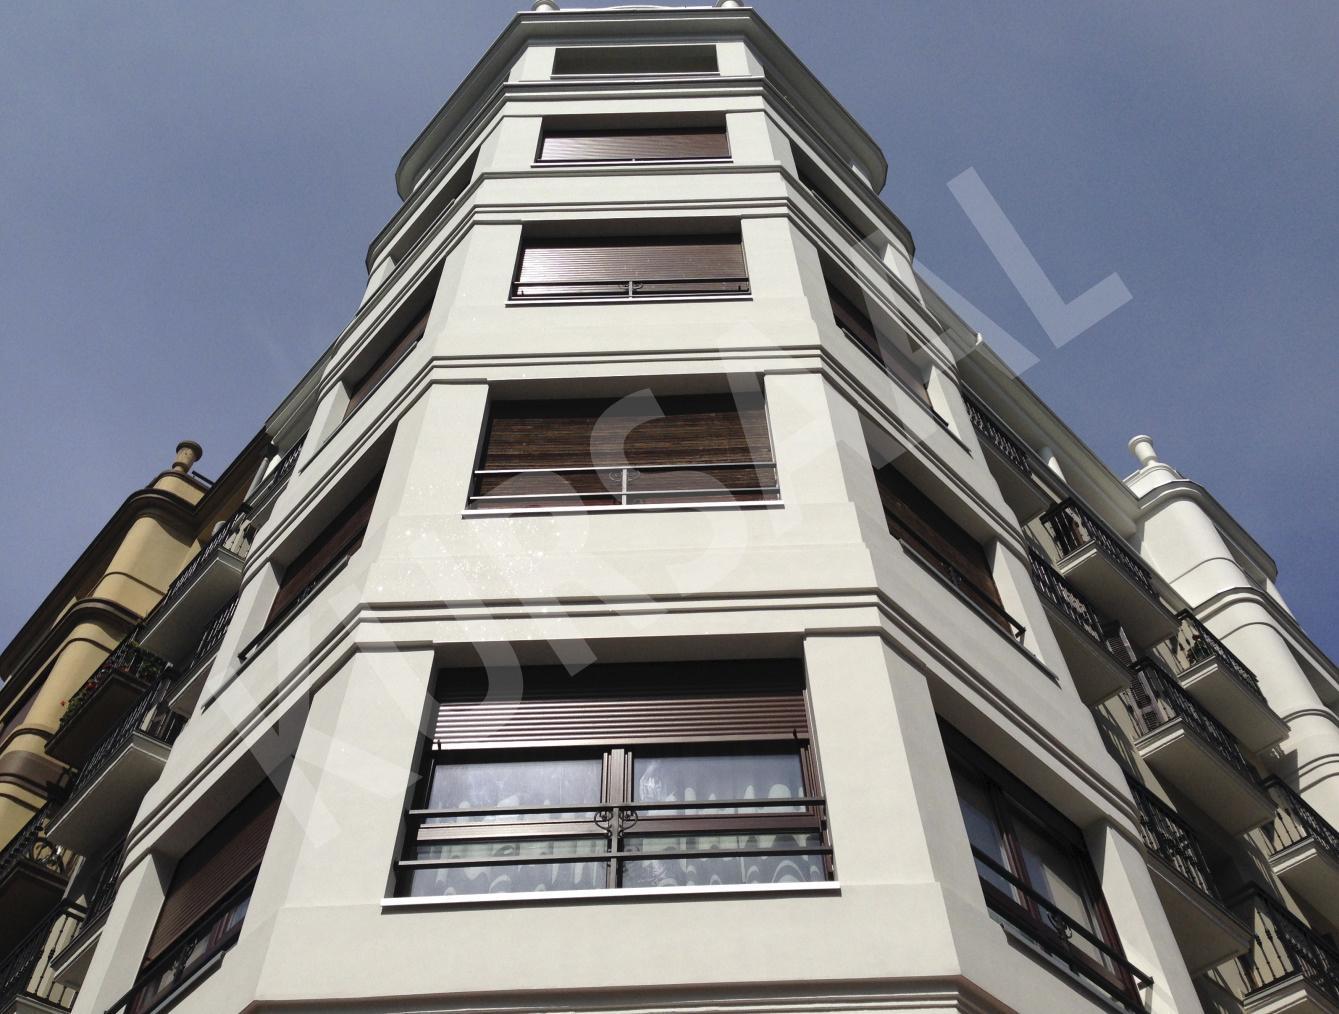 foto 8 - Aislamientos Térmicos y Eficiencia Energética-Gran Vía 16-Donostia